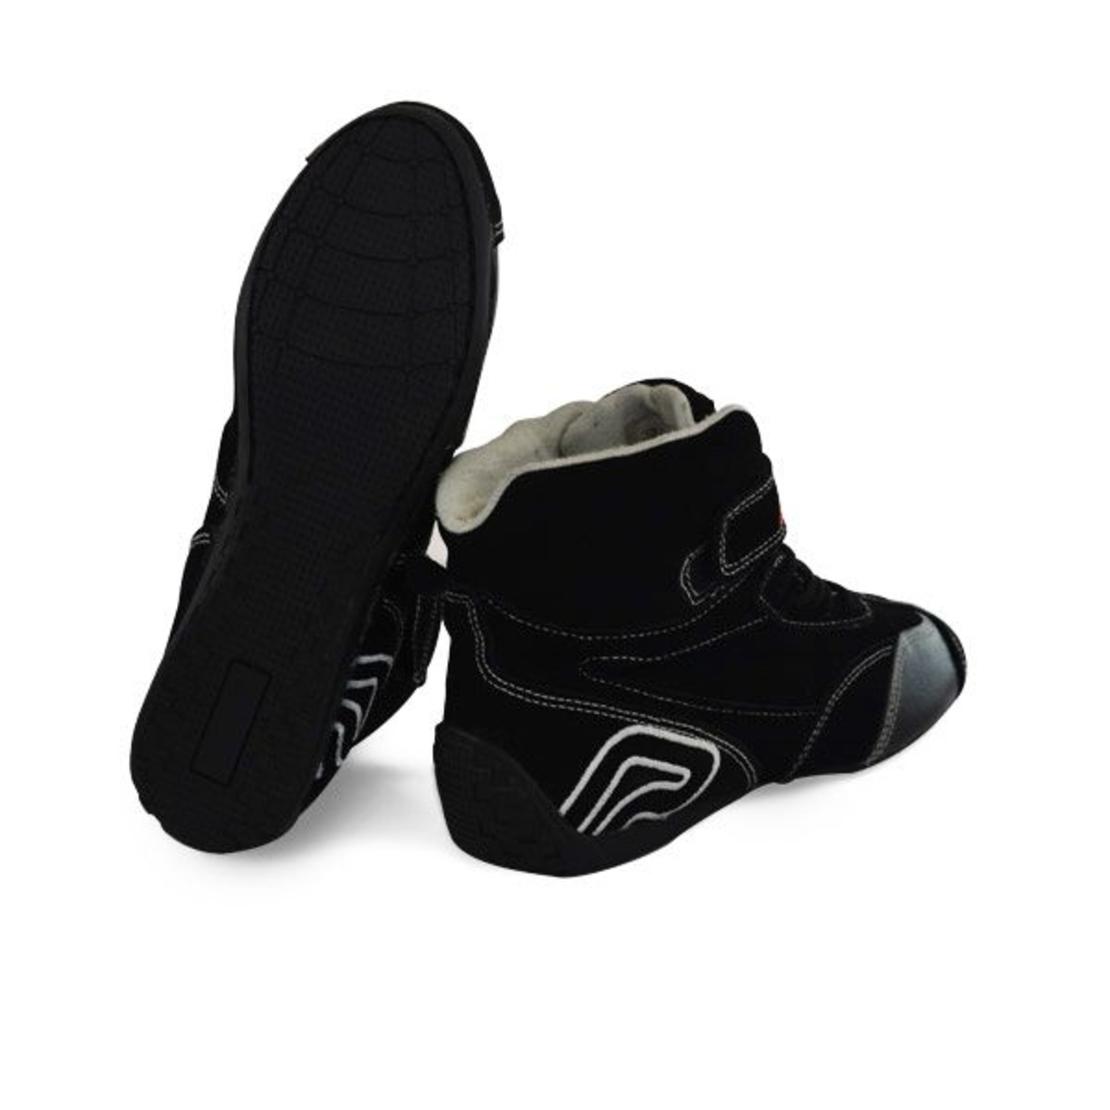 נעלי מרוצים בתקן FIA